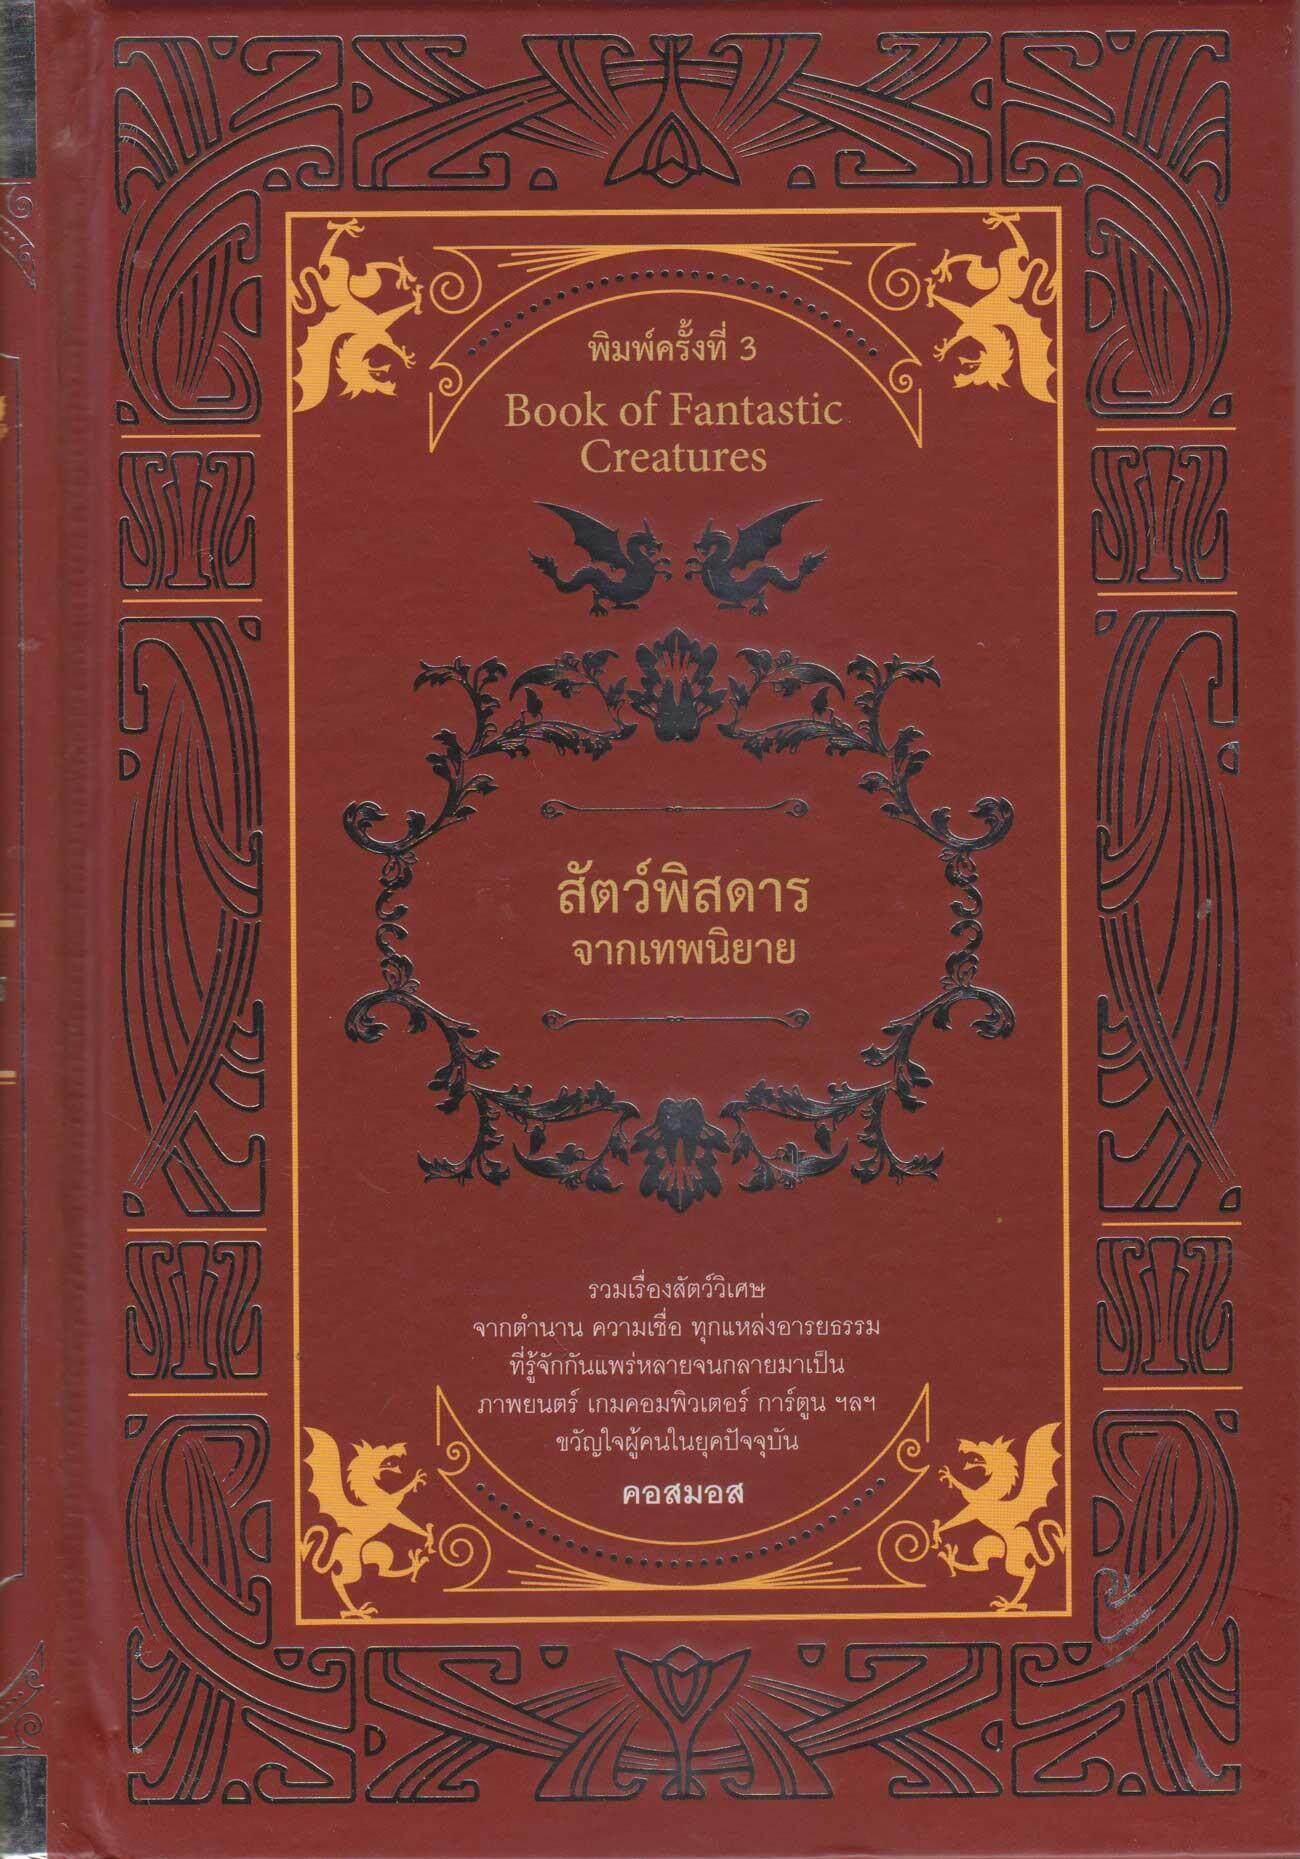 สัตว์พิสดารจากเทพนิยาย By Thaiqualitybooks.